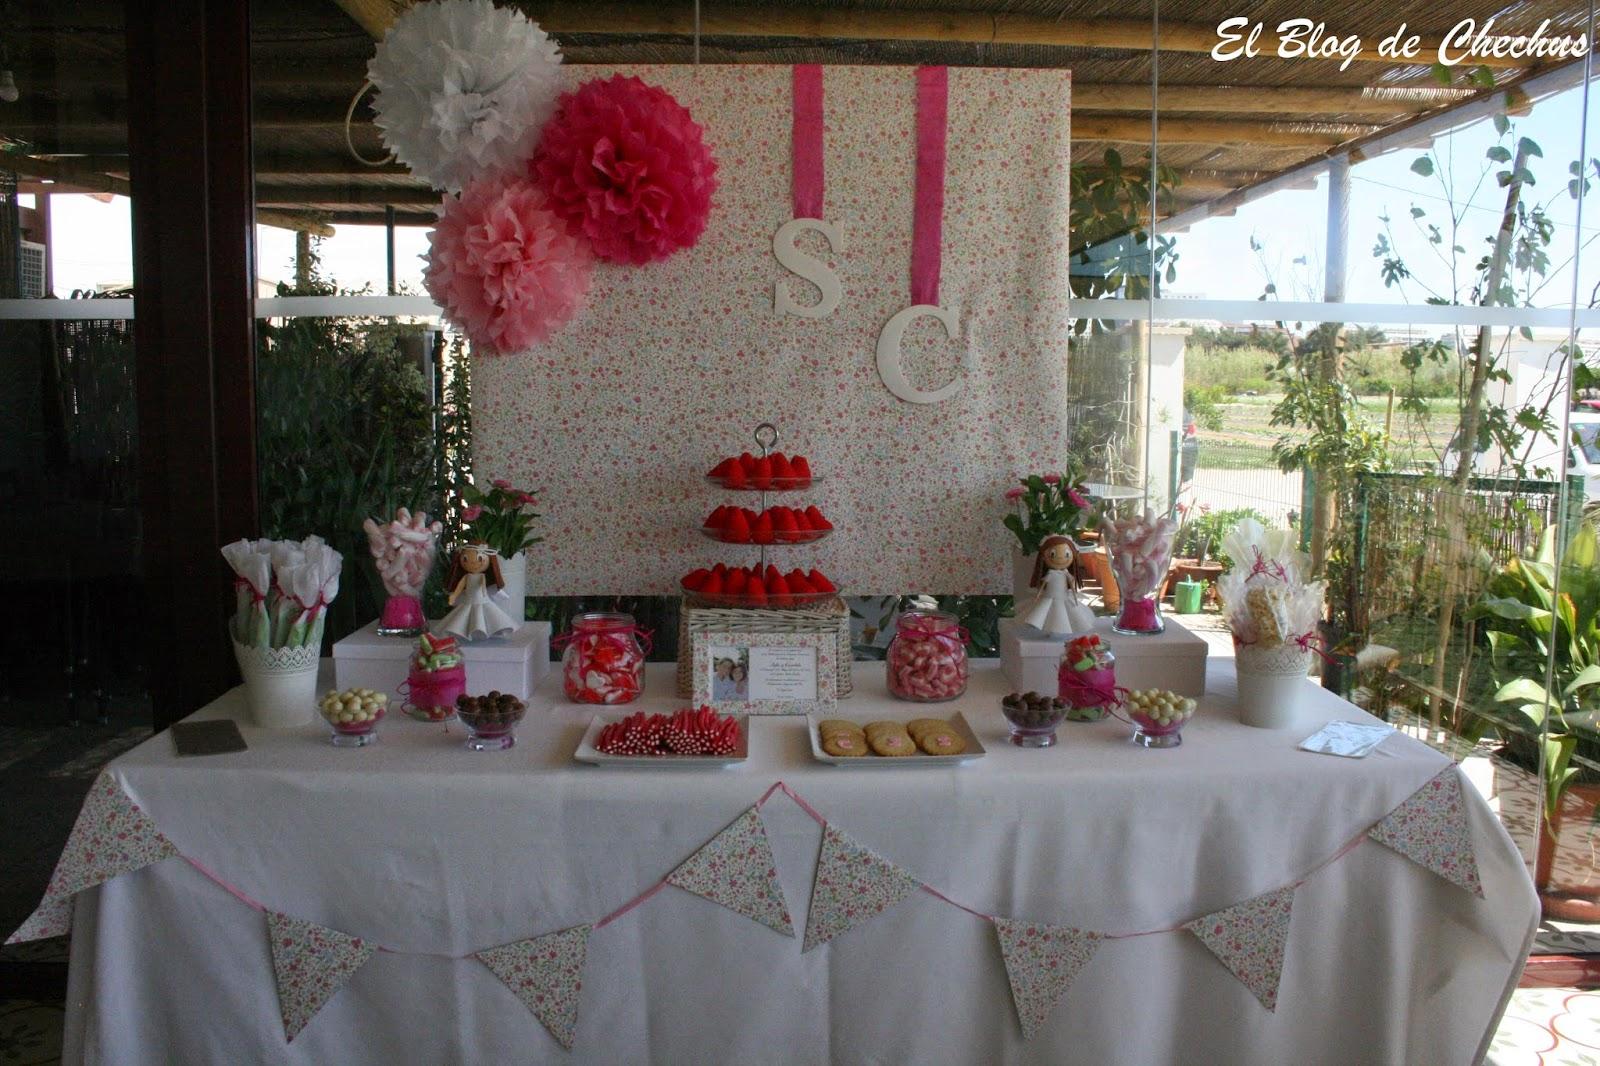 Chechus cupcakes valencia for Fotos de mesas de chuches para bodas